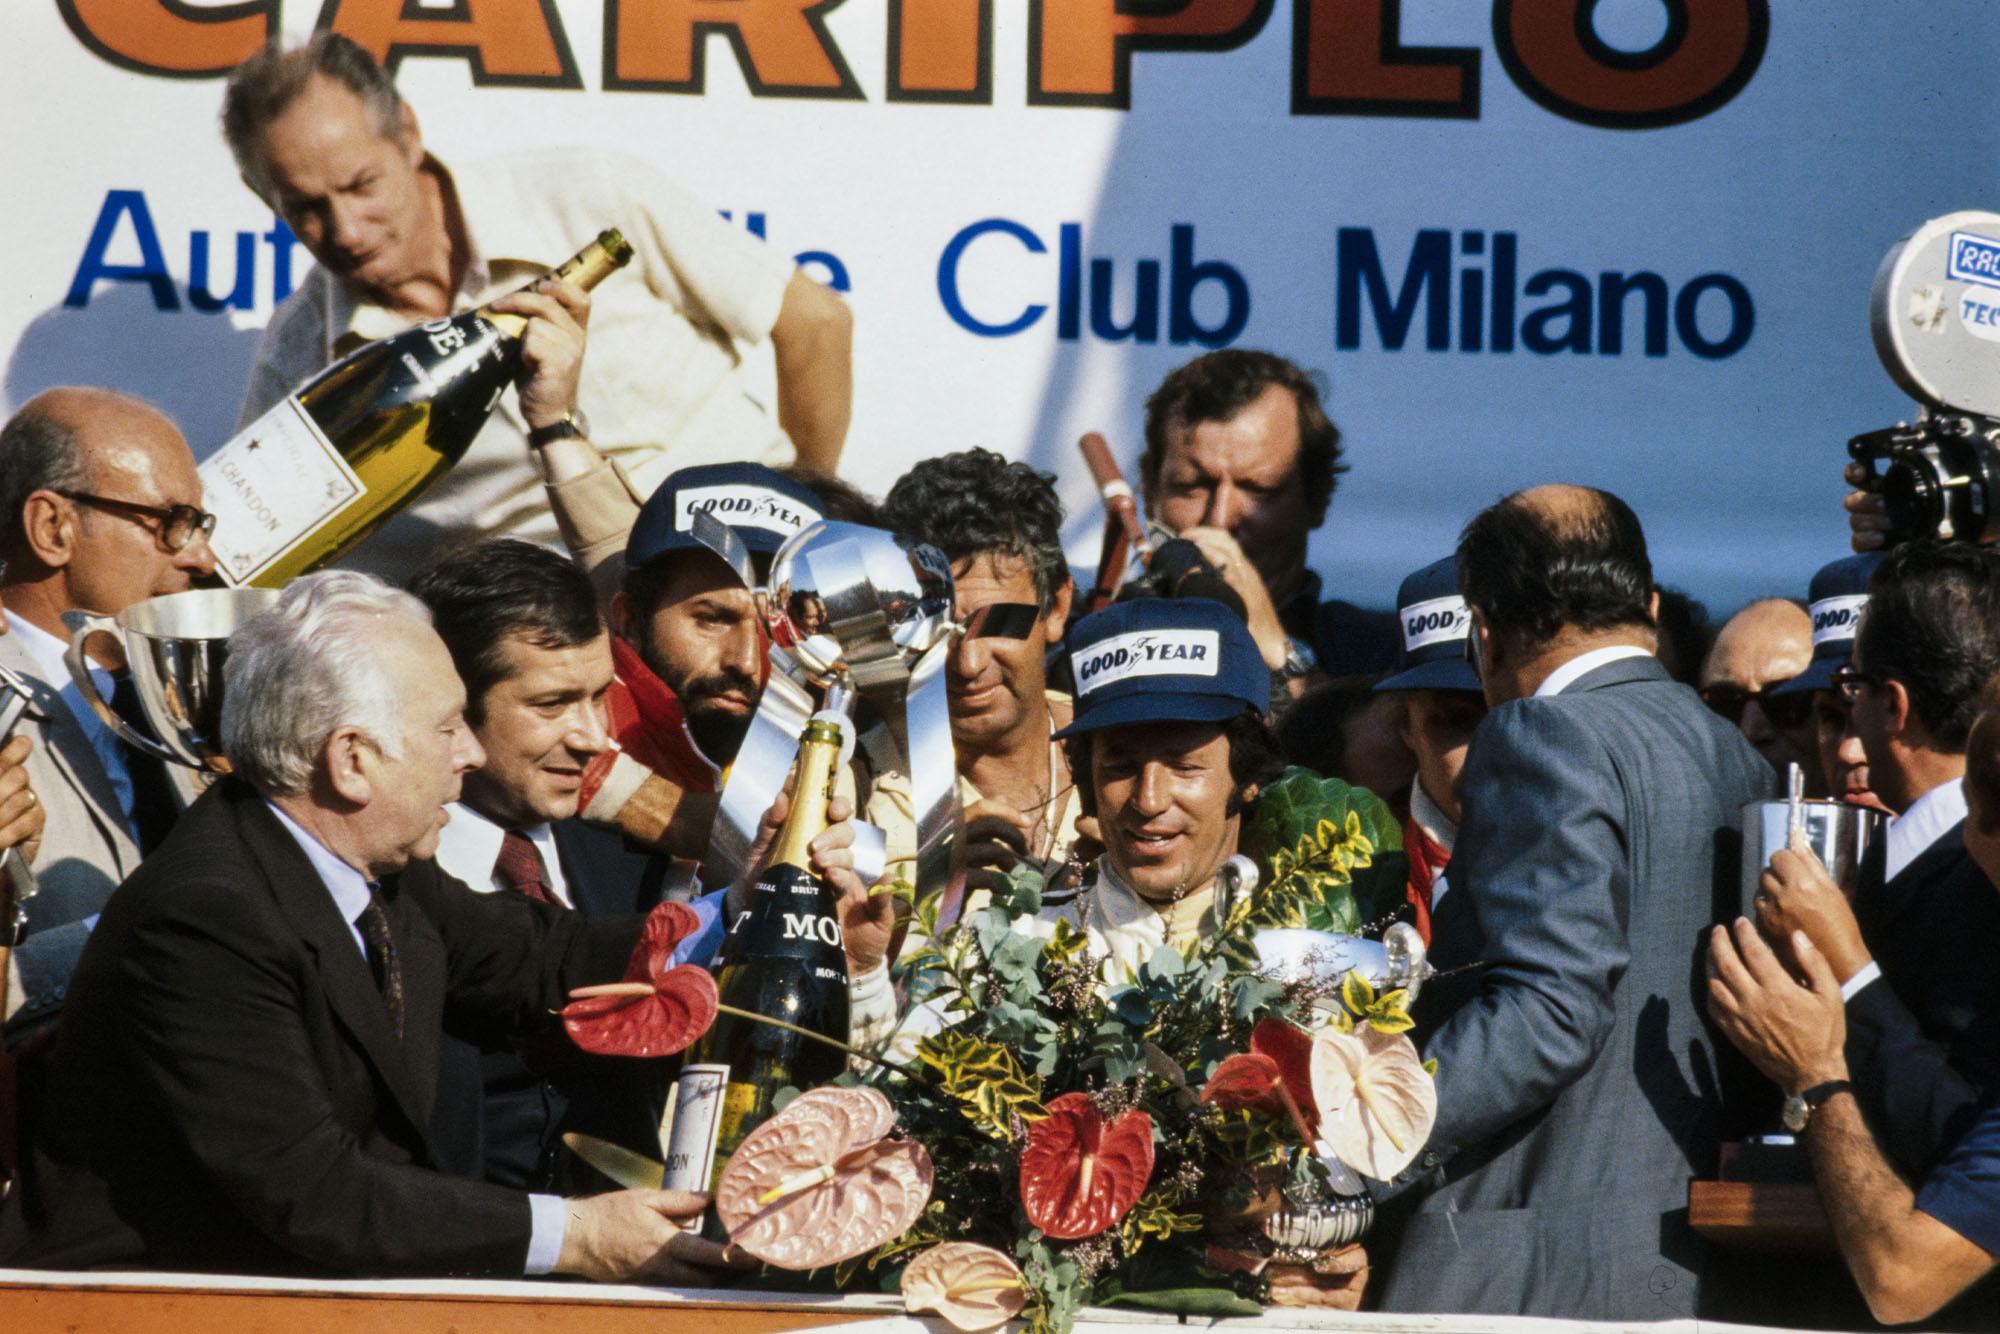 Mario Andretti (Lotus) celebrates winning the 1977 Italian Grand Prix, Monza.